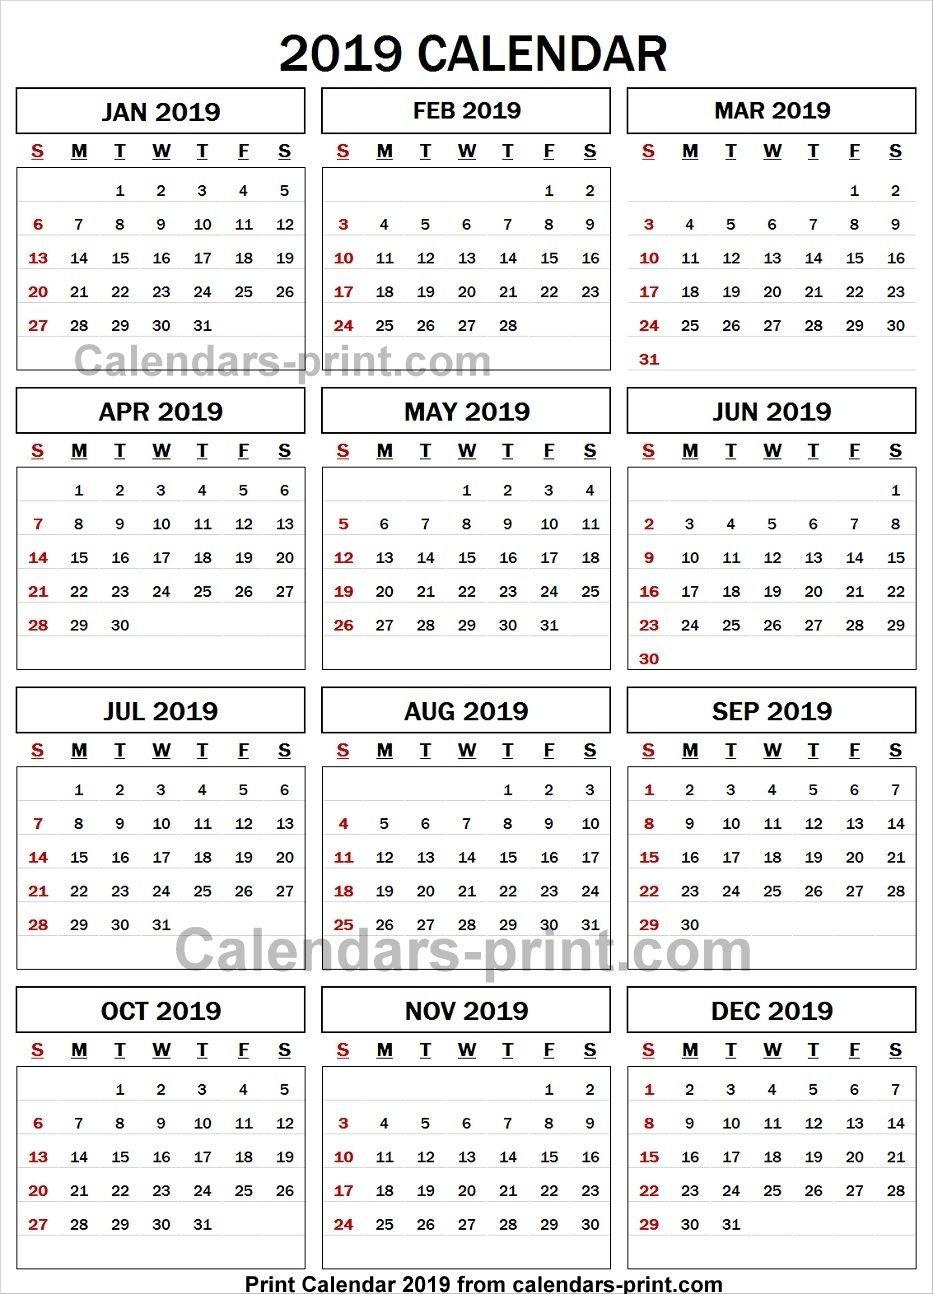 2019 Calendar Spreadsheet | 2019 Yearly Calendar | 2019 Calendar Calendar 2019 Spreadsheet